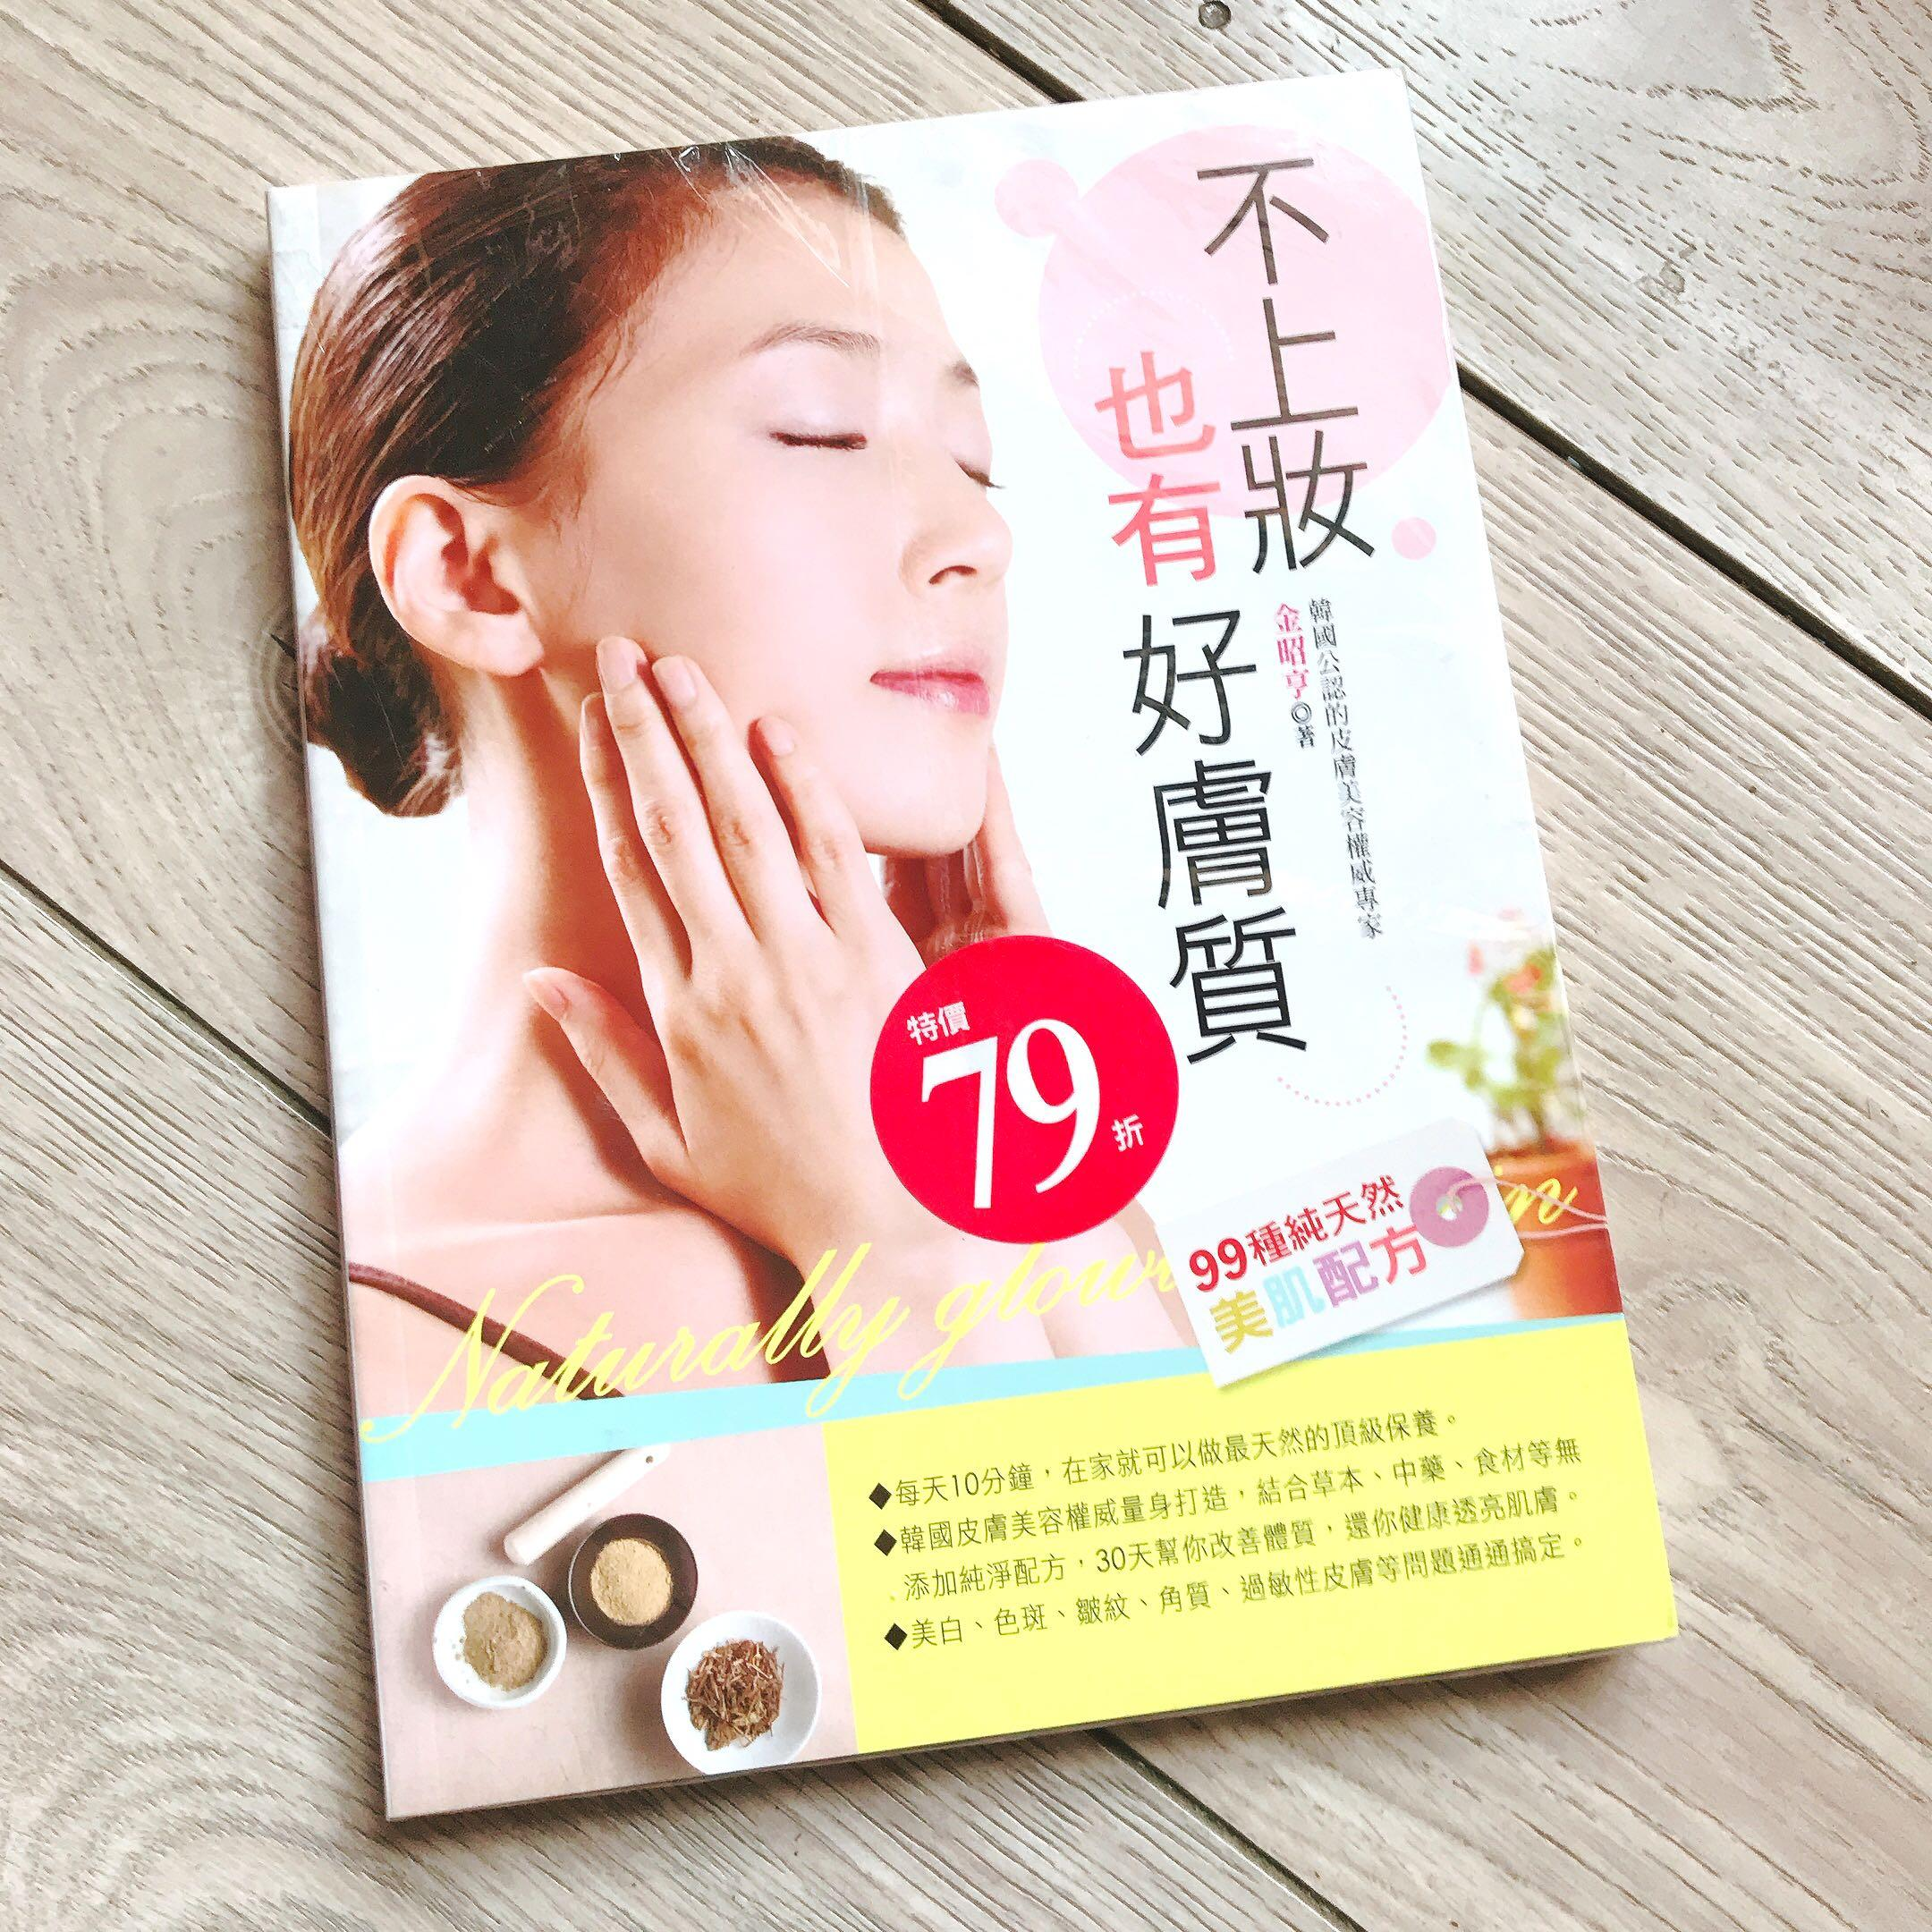 不上妝也有好膚質 書籍 美膚 美容保養